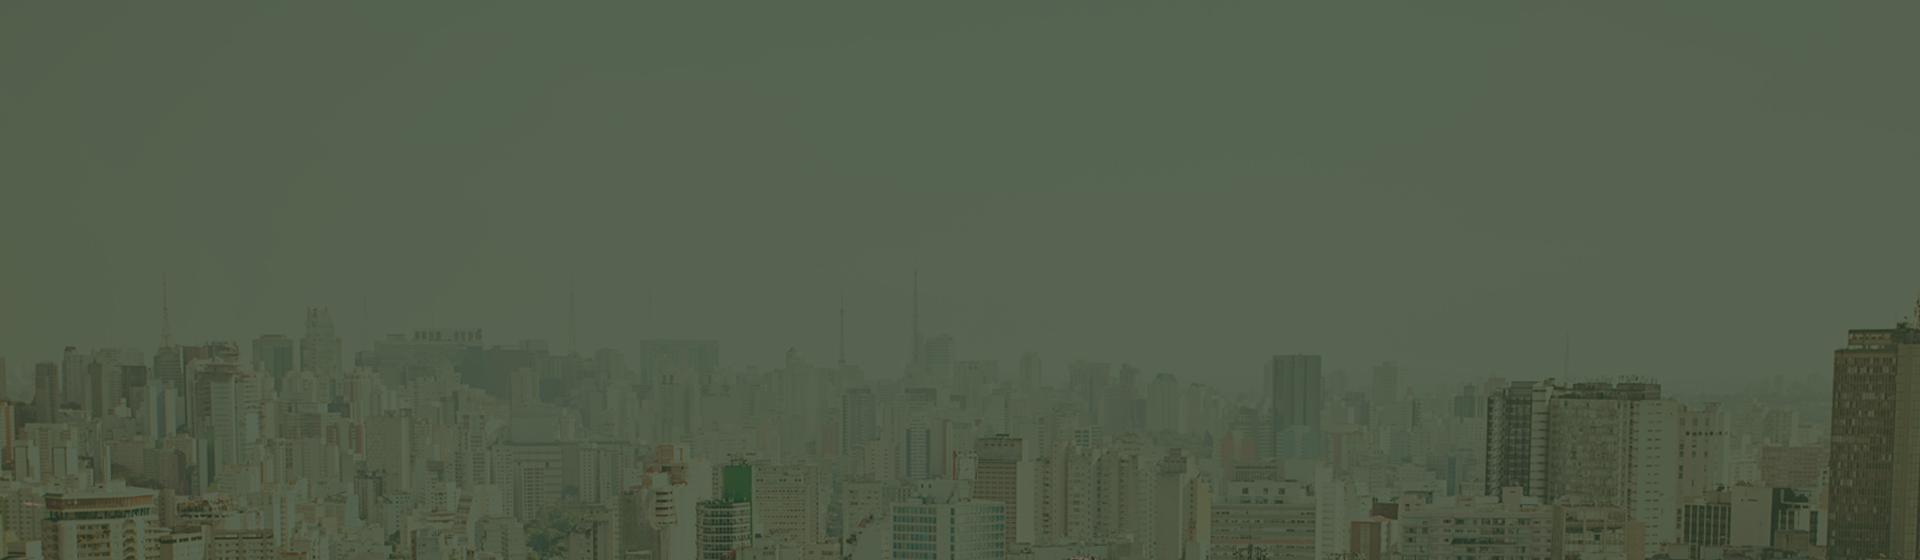 Mascara banner pesquisa imobiliaria quantitativa